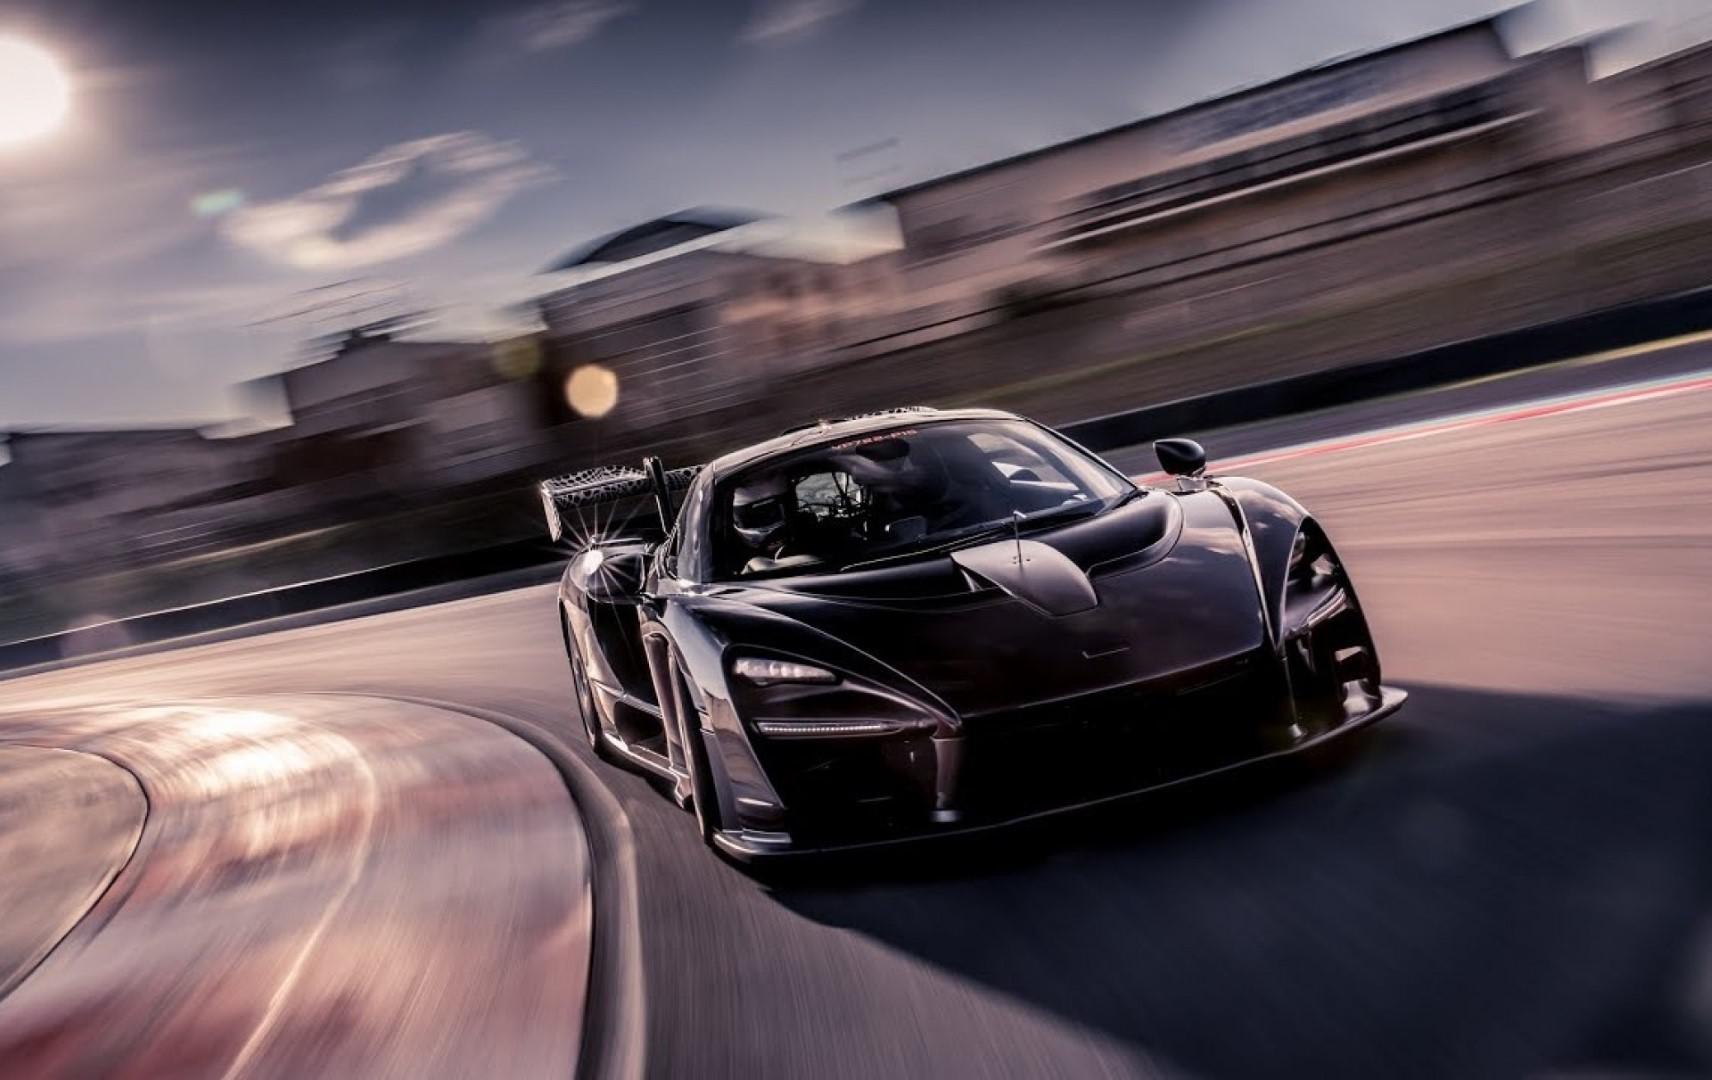 Vidéo McLaren : Le nouveau fleuron de sa gamme Ultimate Series sur le circuit sud-africain de Kyalami.